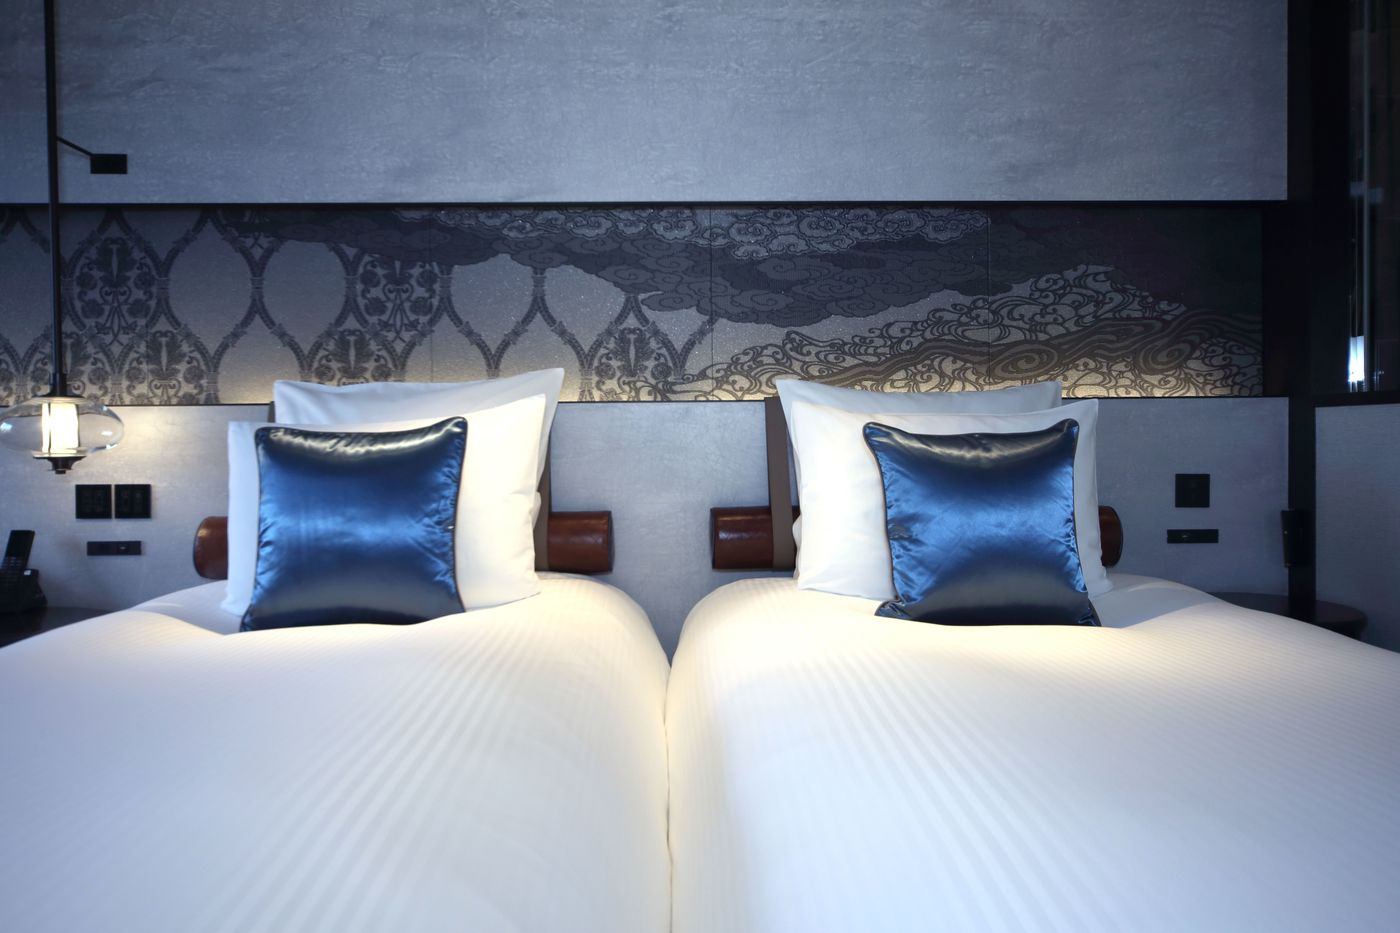 【京都】欲張りな女子旅におすすめ!宿泊・観光・食すべてが叶う「京都悠洛ホテル Mギャラリー」の画像